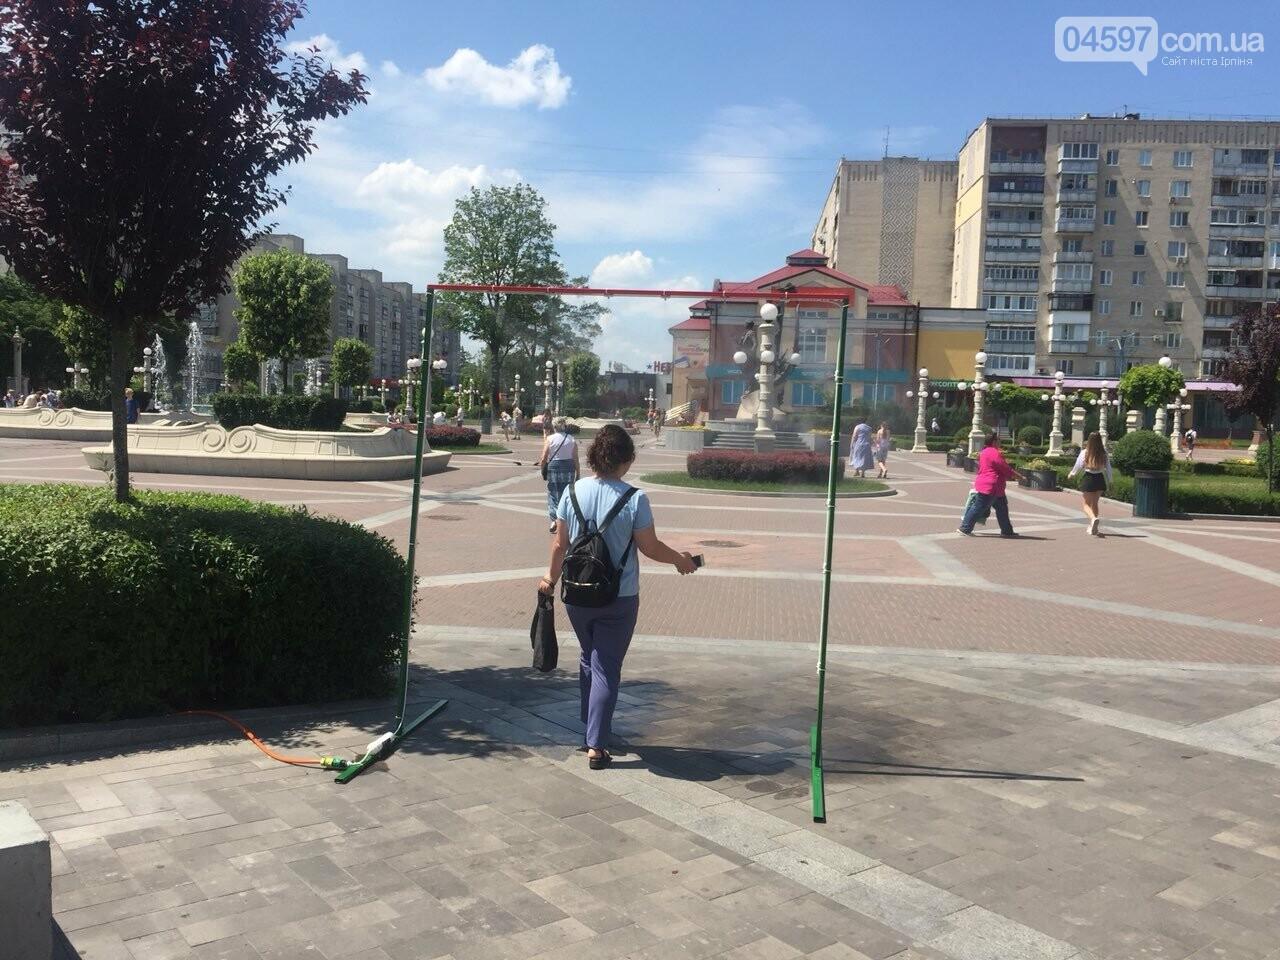 Літо в Ірпені: в центрі встановили охолоджуючу рамку, фото-4